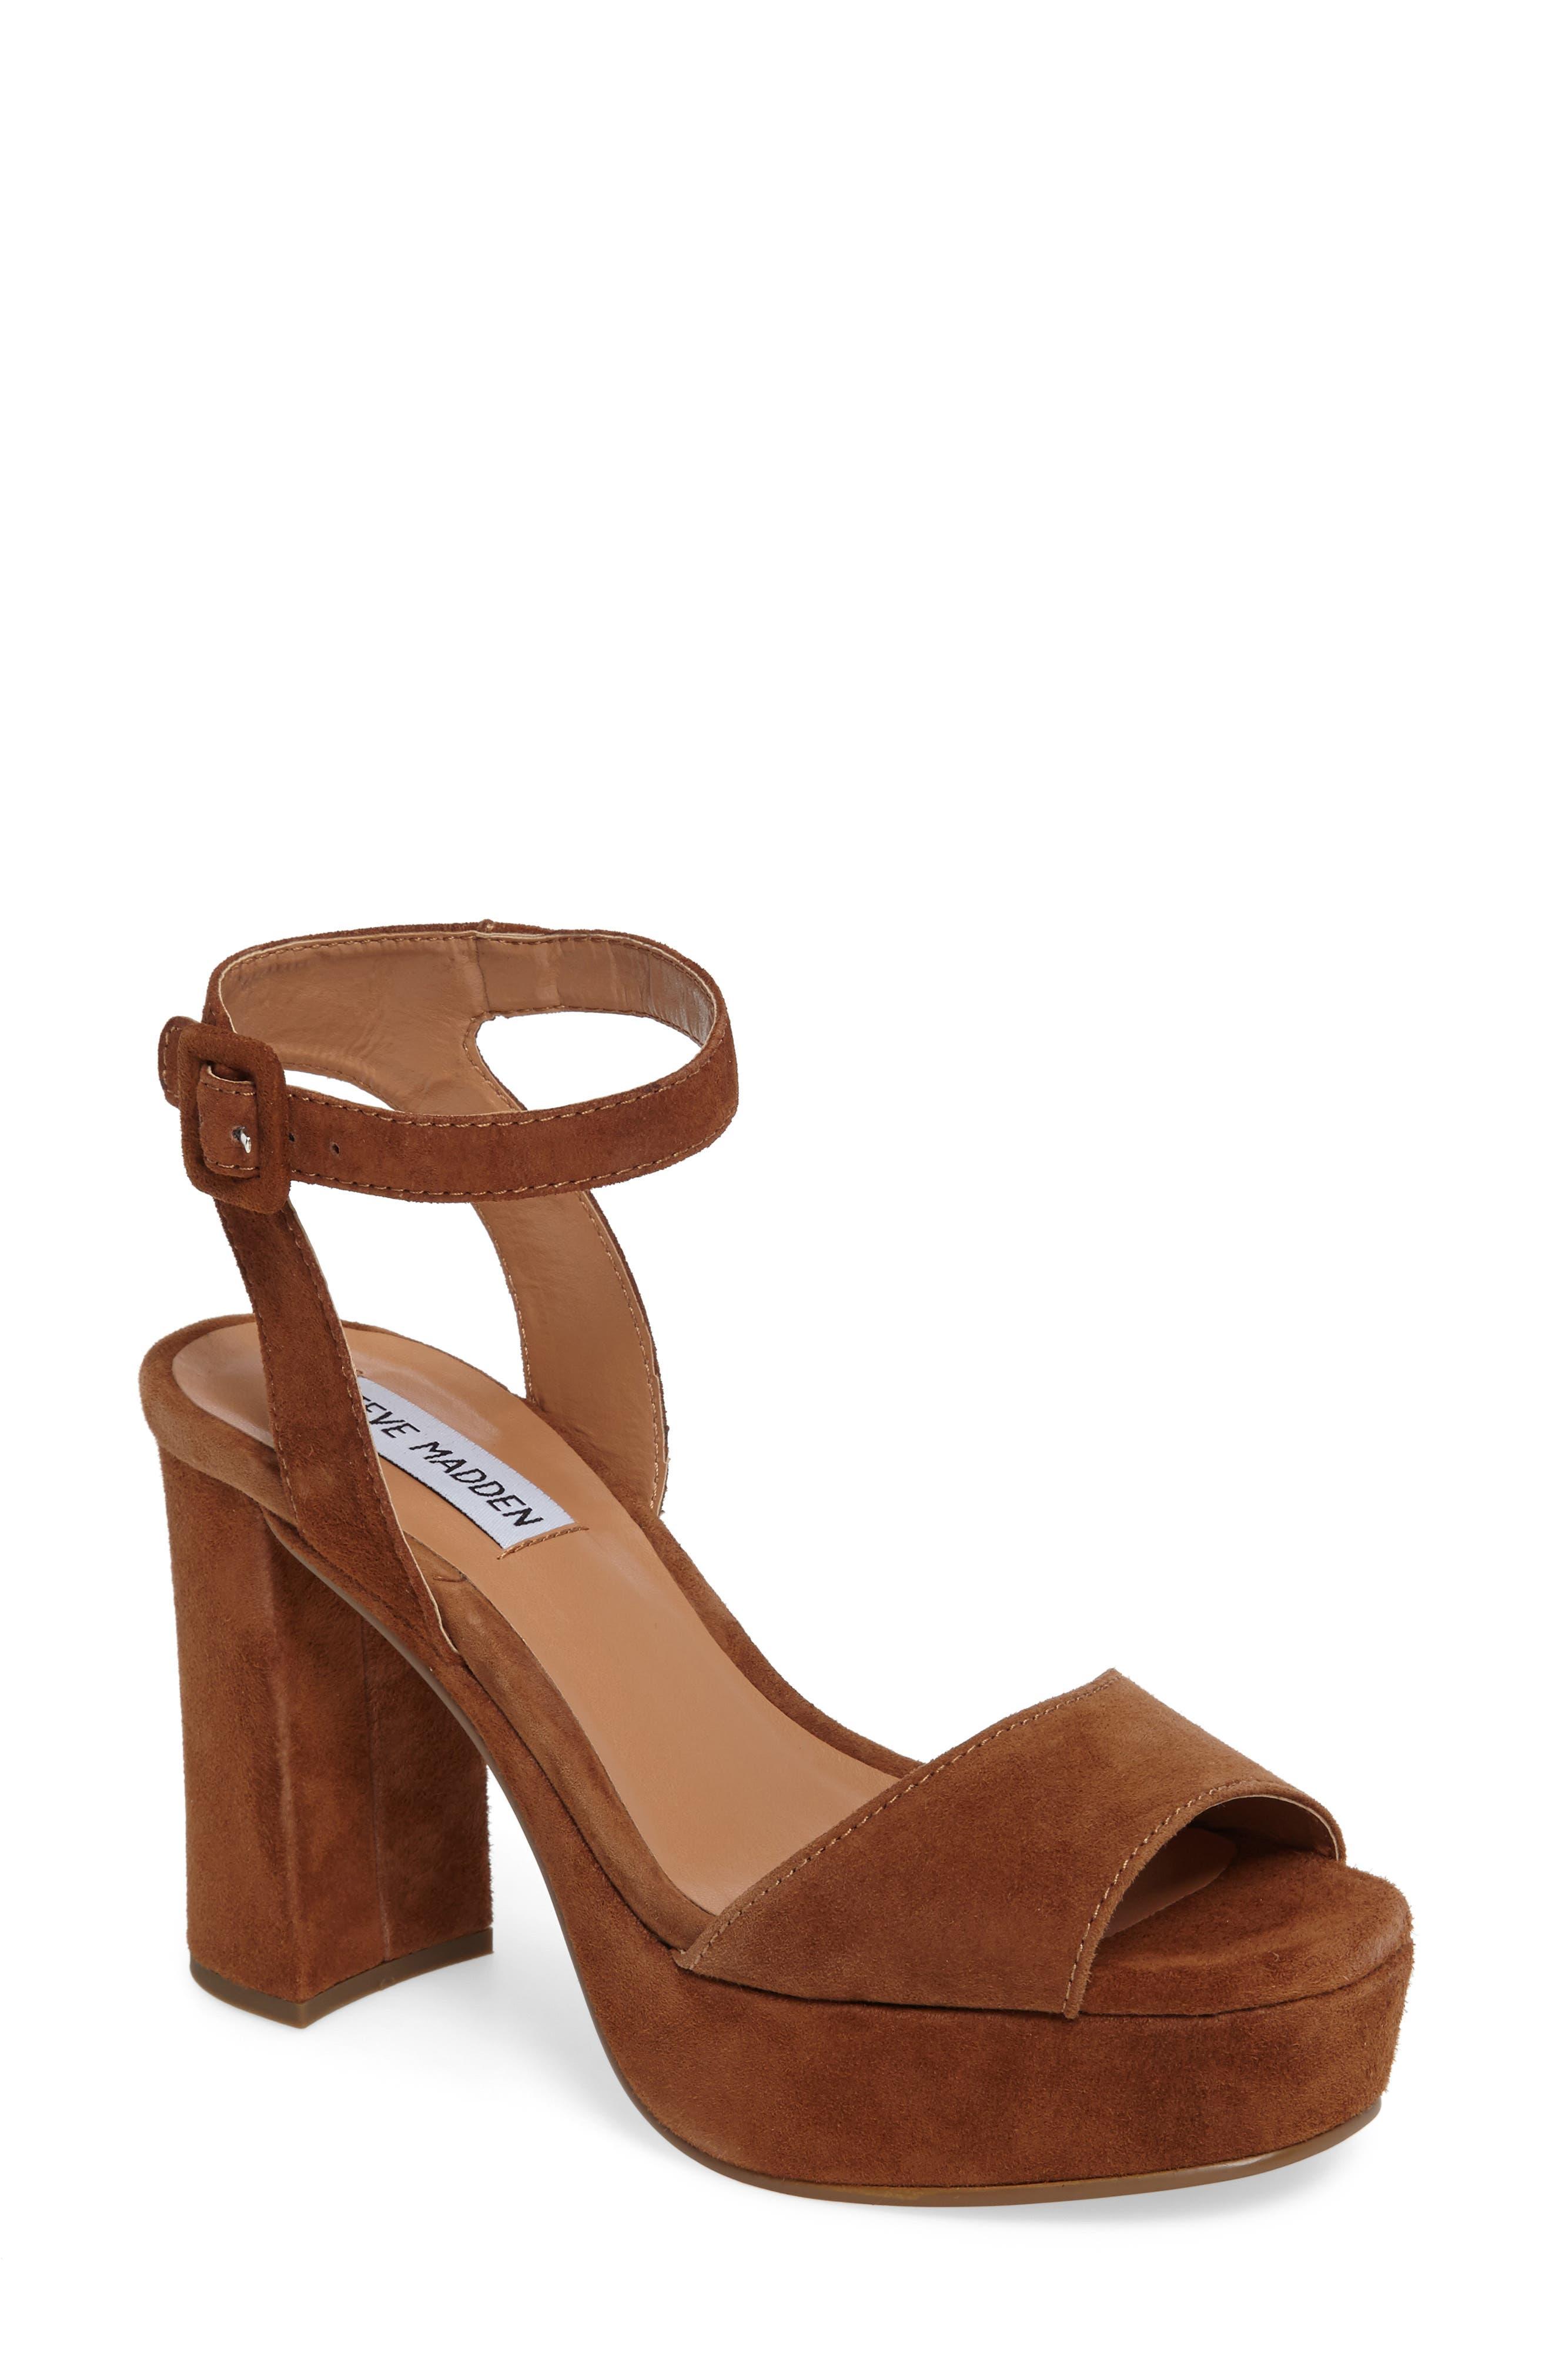 Alternate Image 1 Selected - Steve Madden Verdict Platform Sandal (Women)